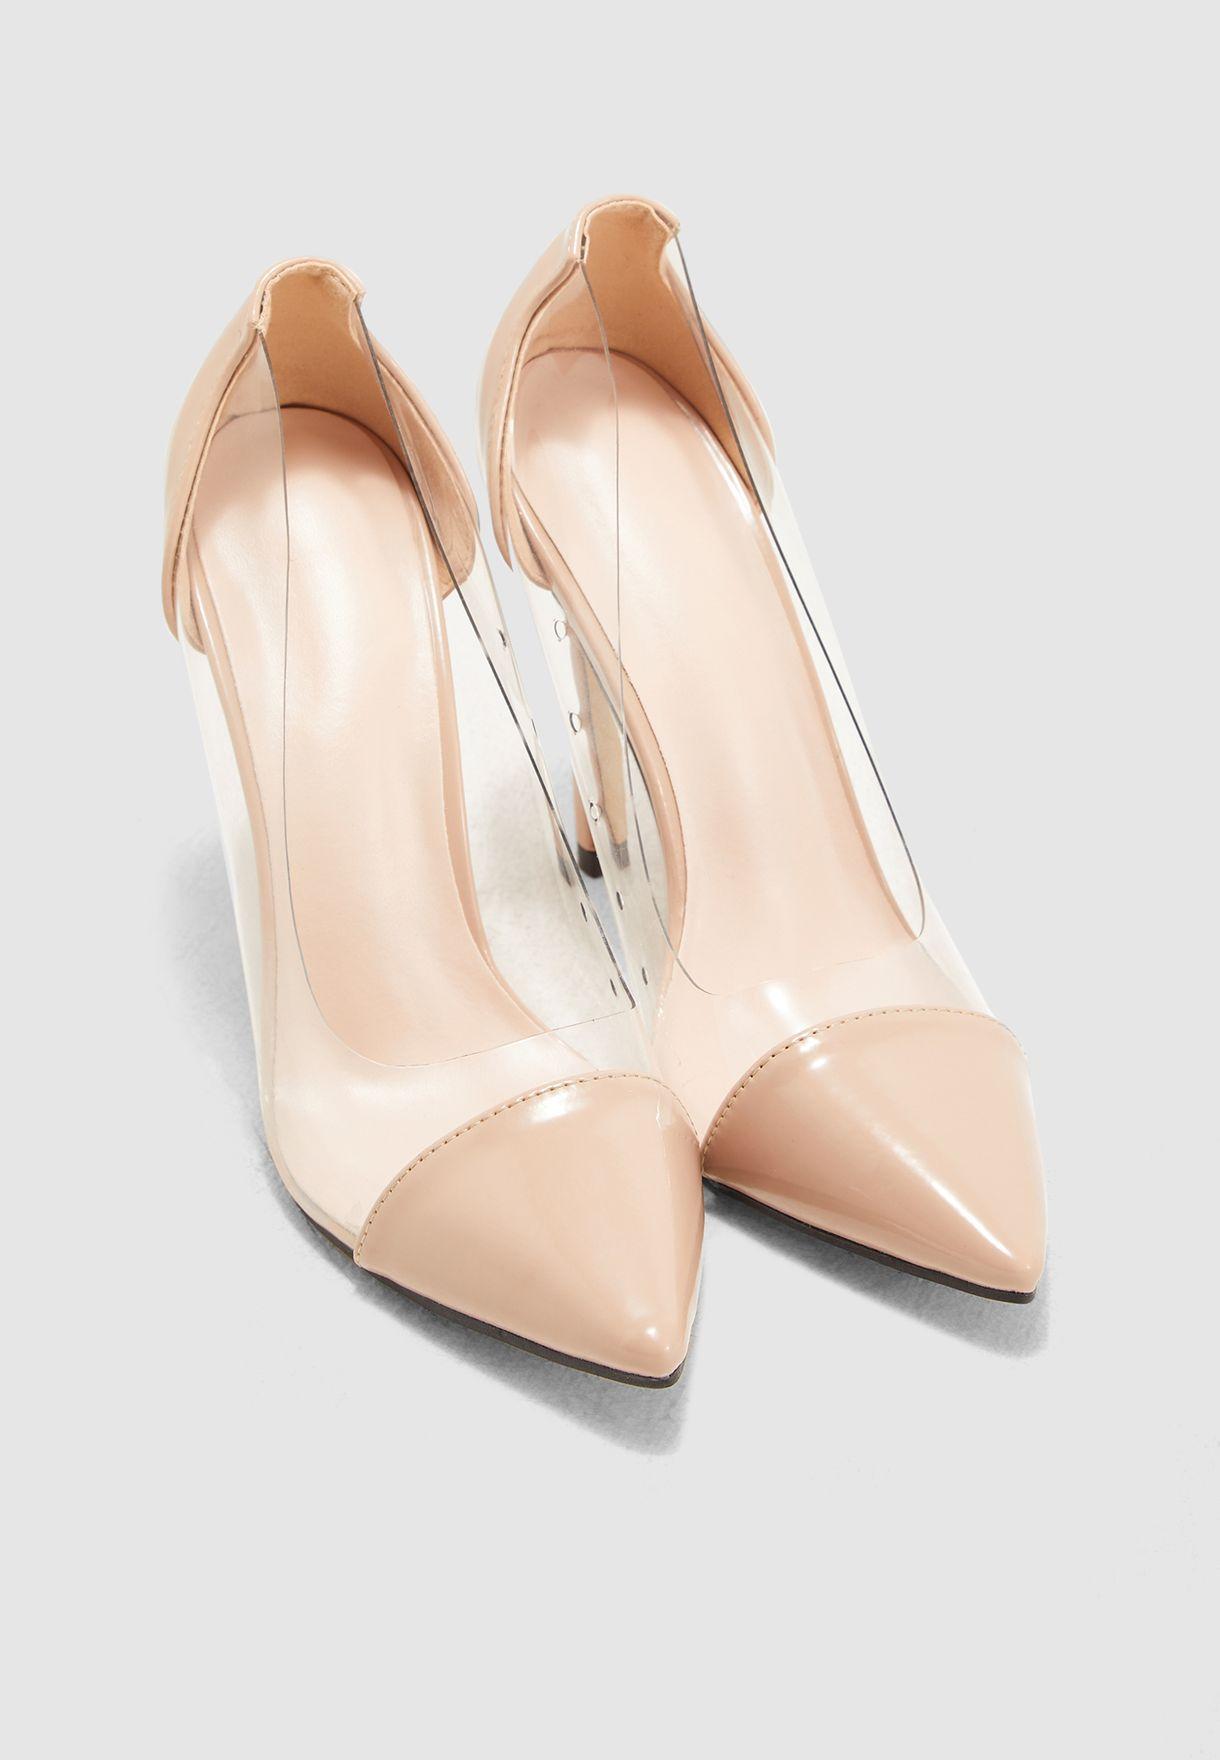 حذاء بمقدمة مدببة وكعب مستدق